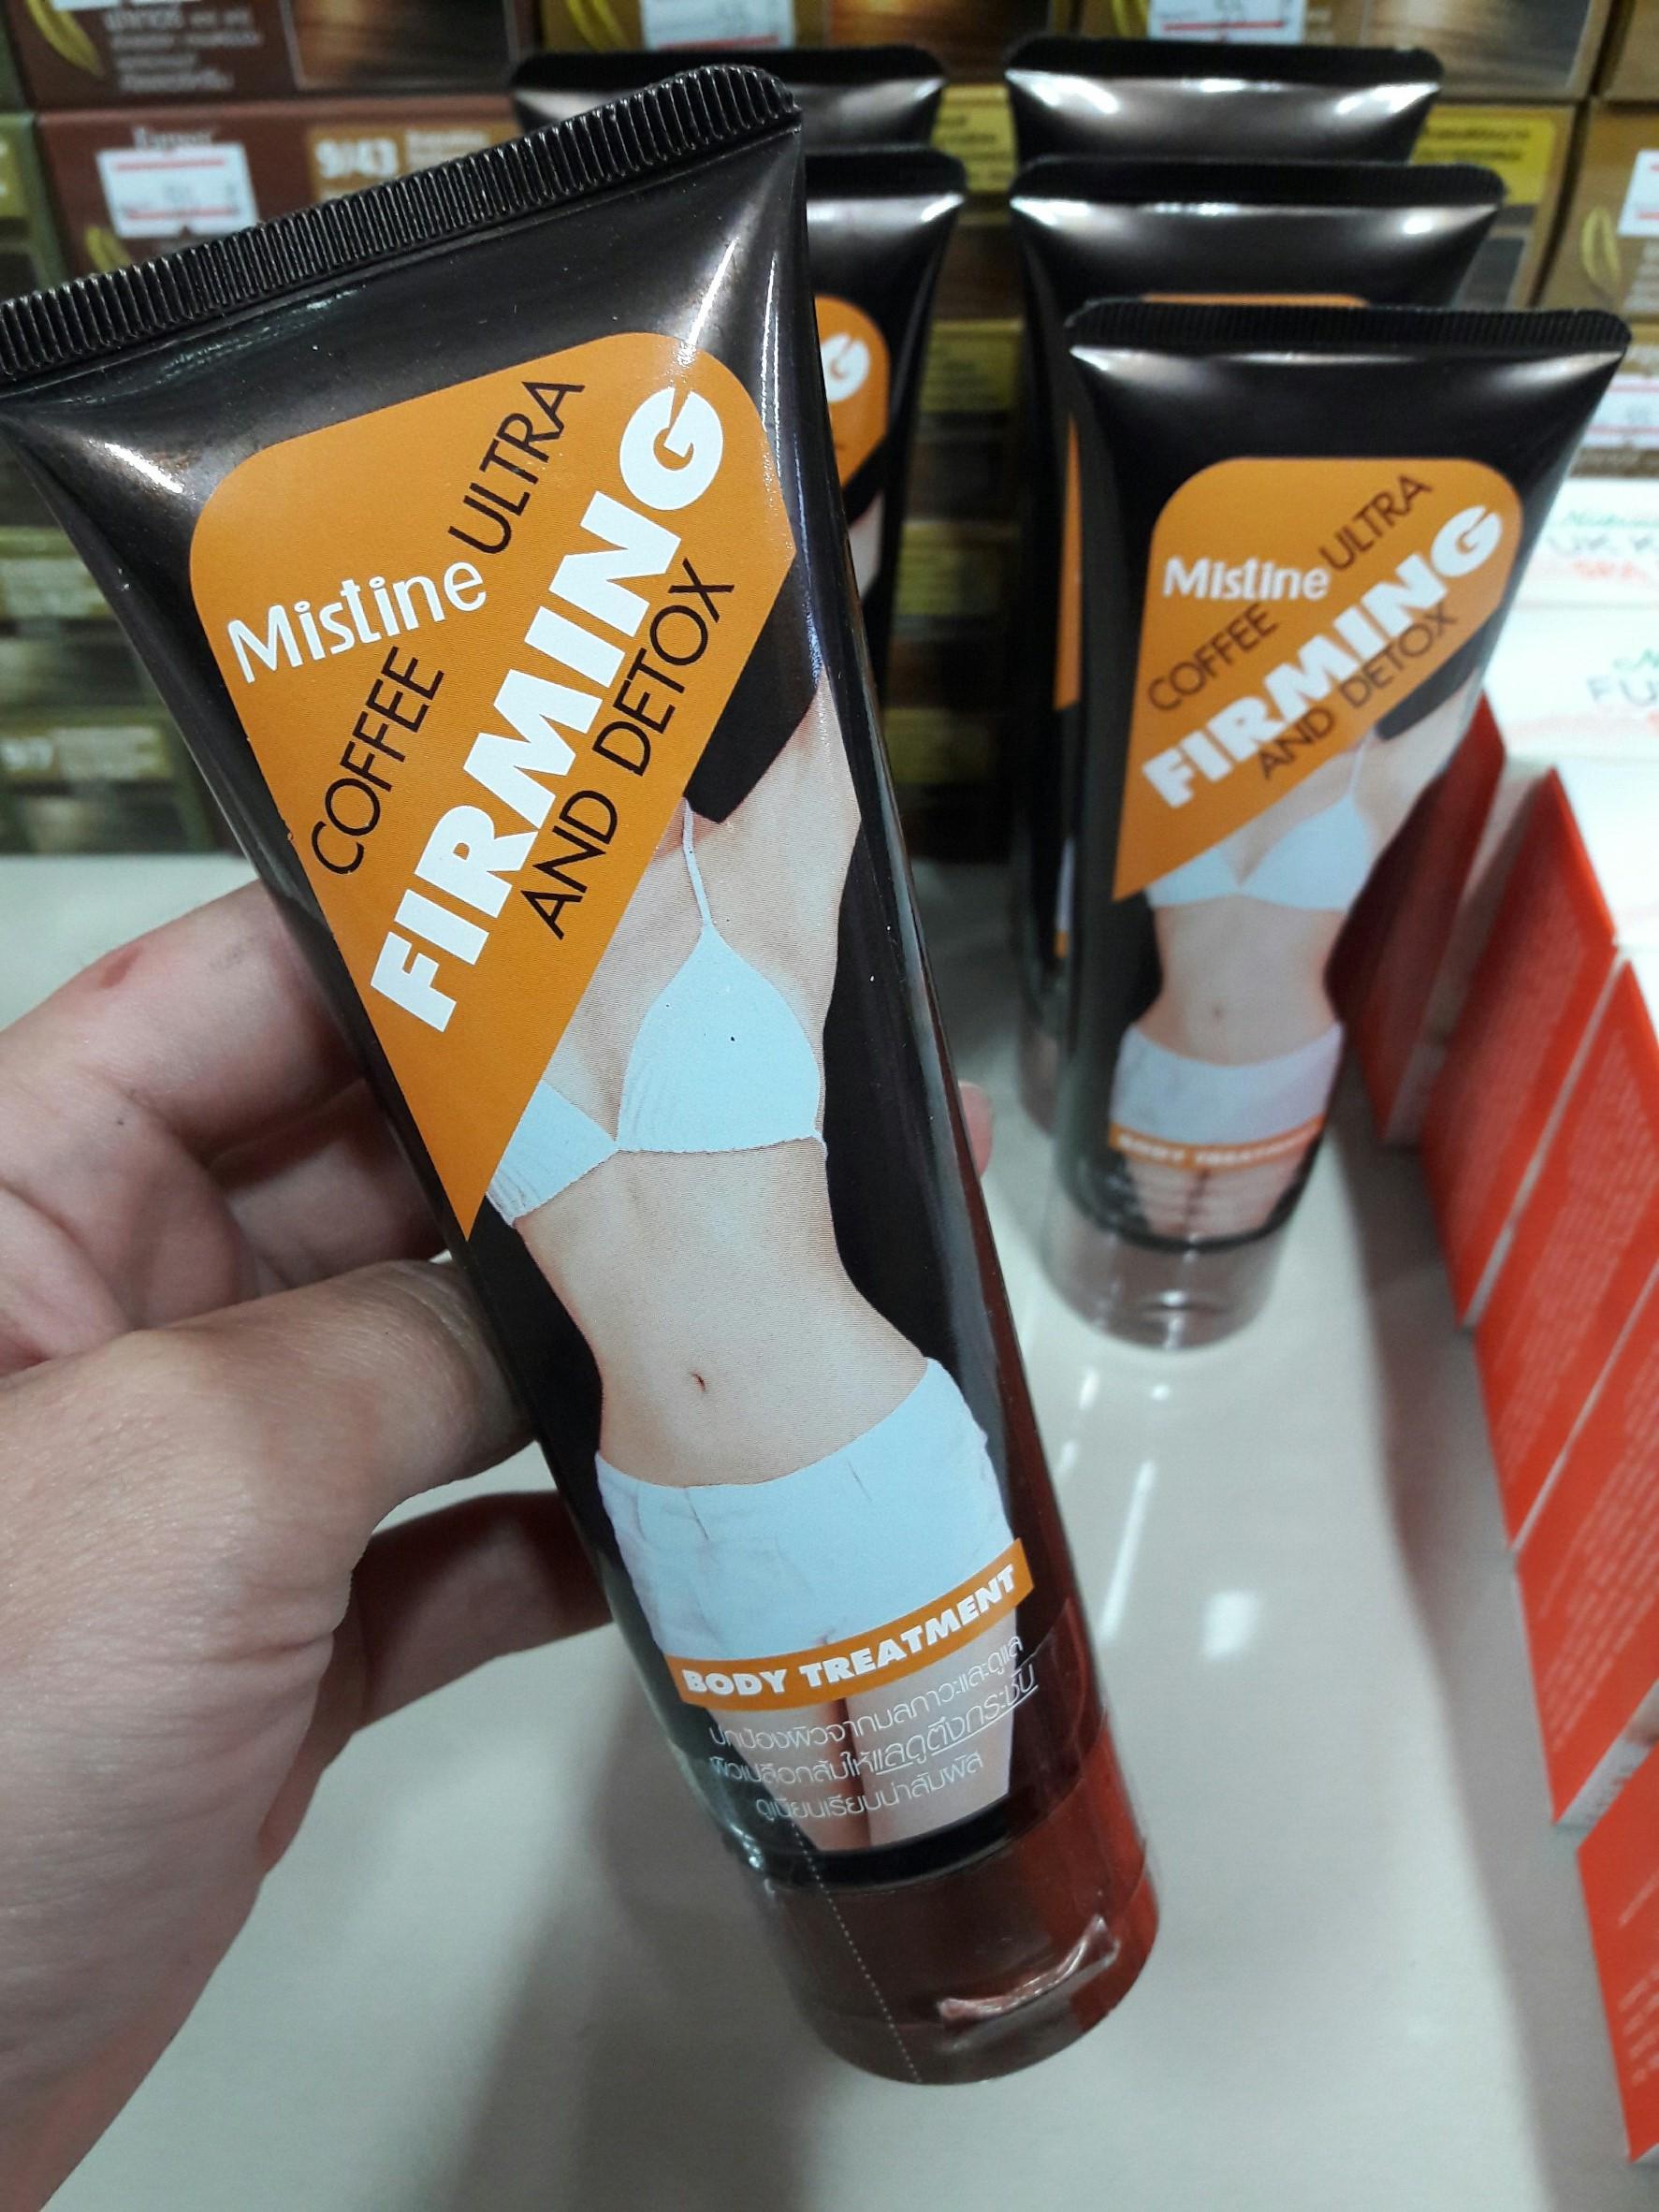 มิสทีน คอฟฟี่ อัลตร้า เฟิร์มมิ่ง แอนด์ ดีท็อกซ์ / Mistine Coffee Ultra Firming and Detoxทรีทเมนท์กระชับสัดส่วน